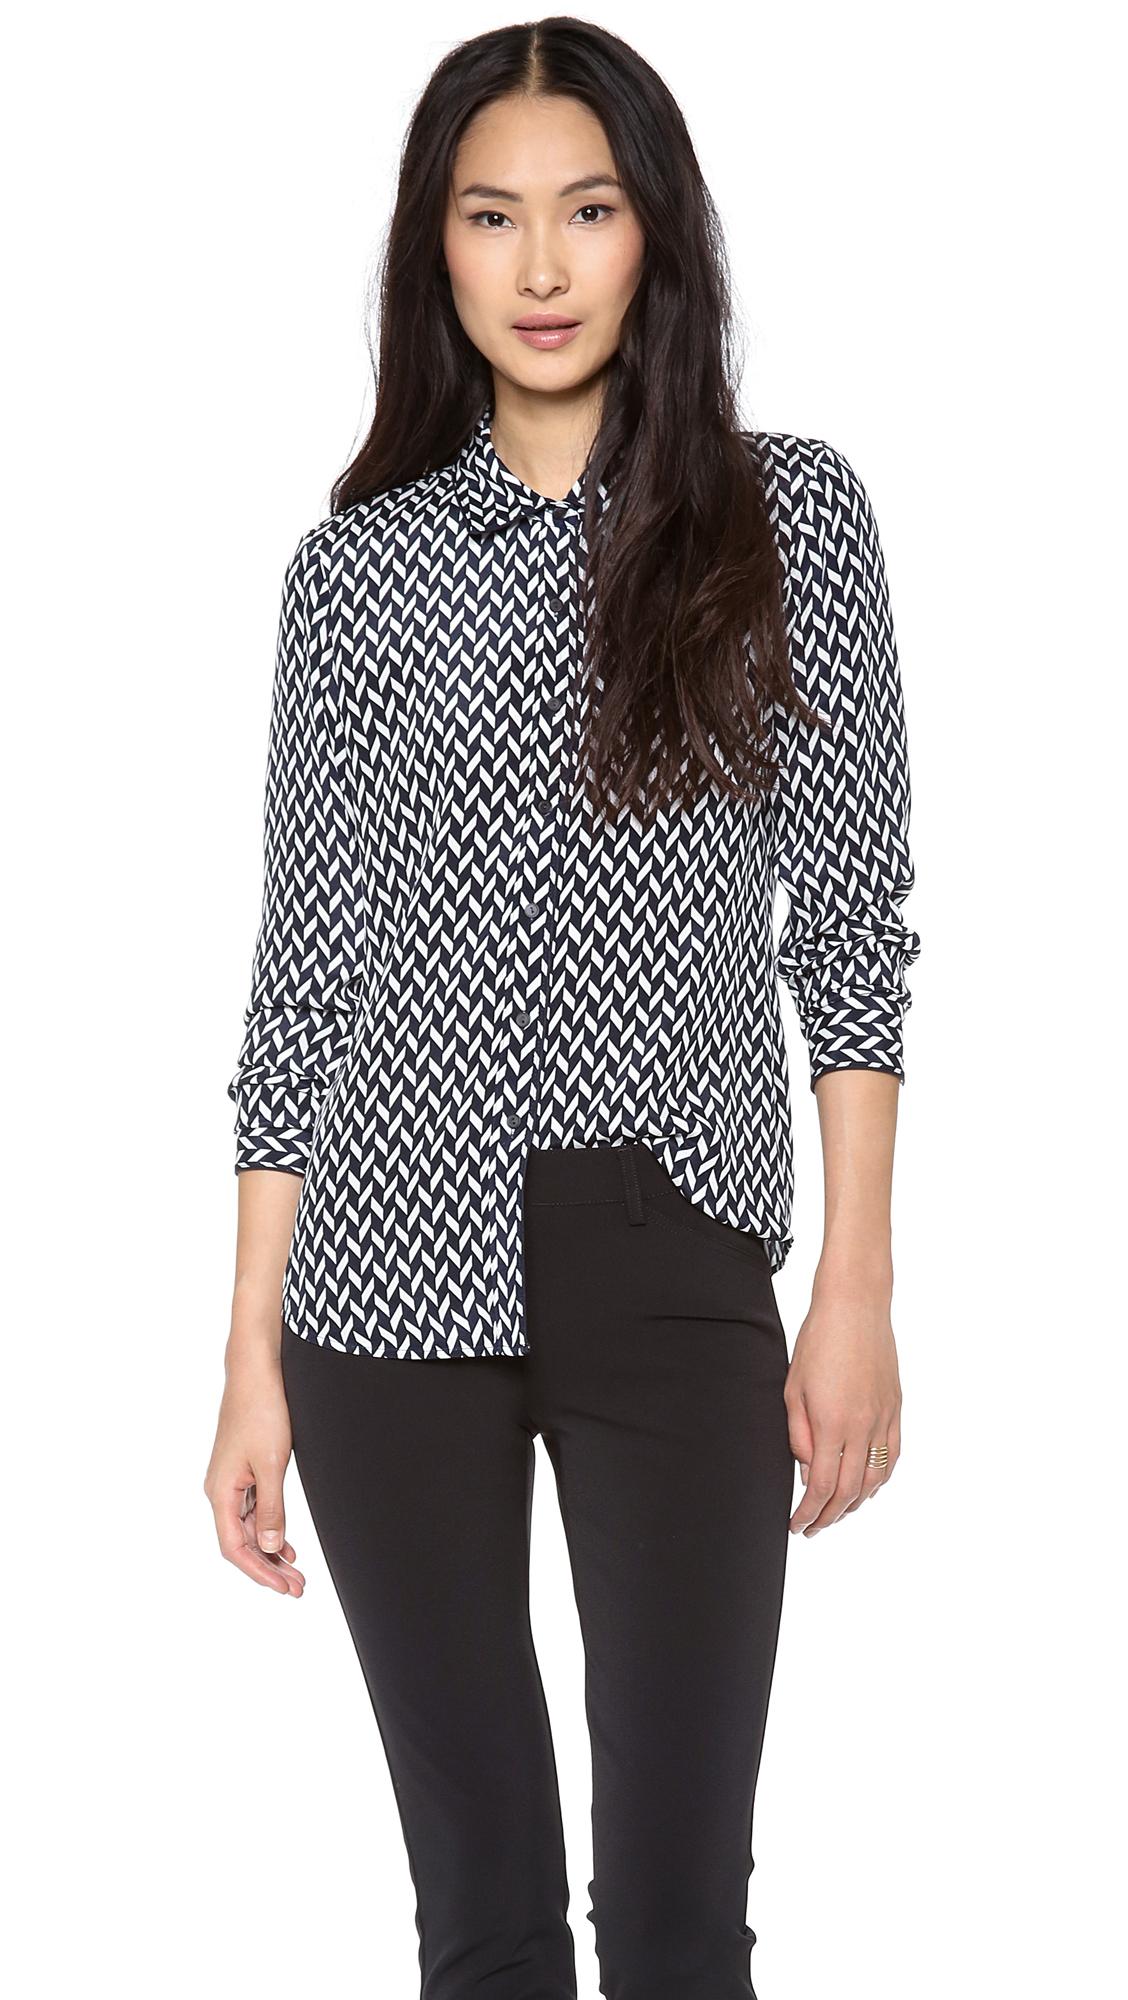 Simple Chevron Blouse Target - Womenu0026#39;S Lace Blouses